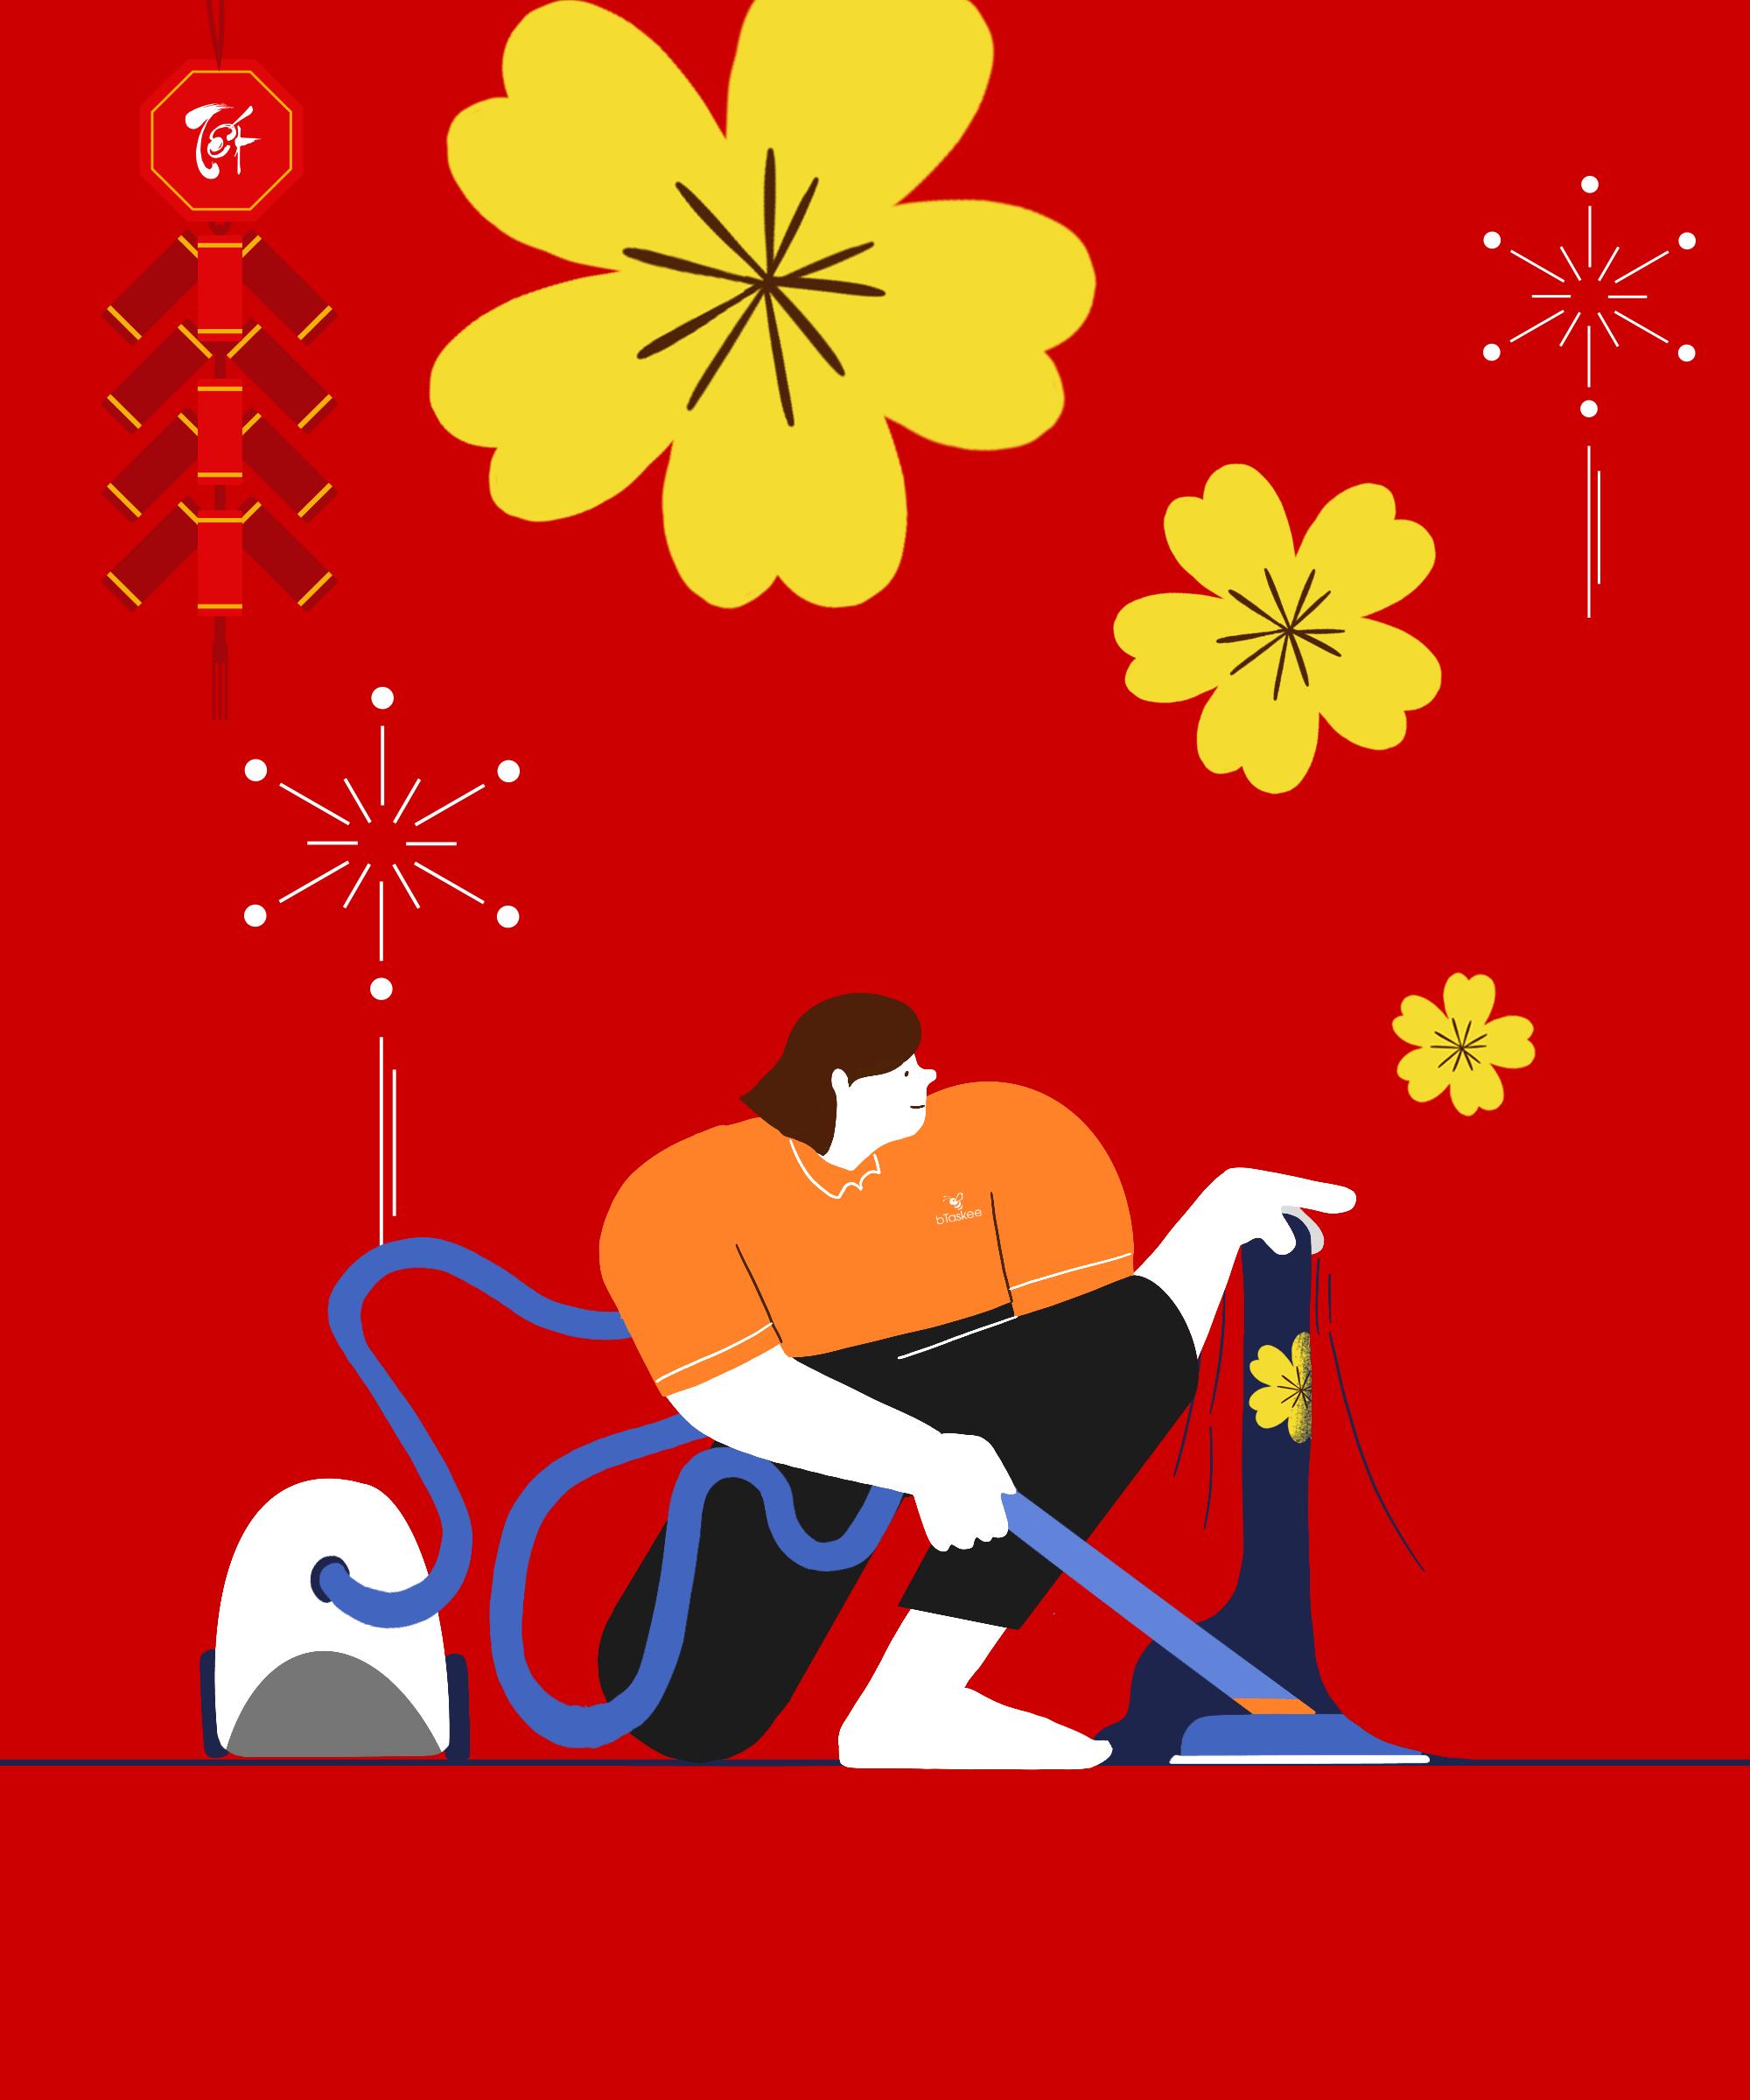 tong-ve-sinh-dip-tet-2020